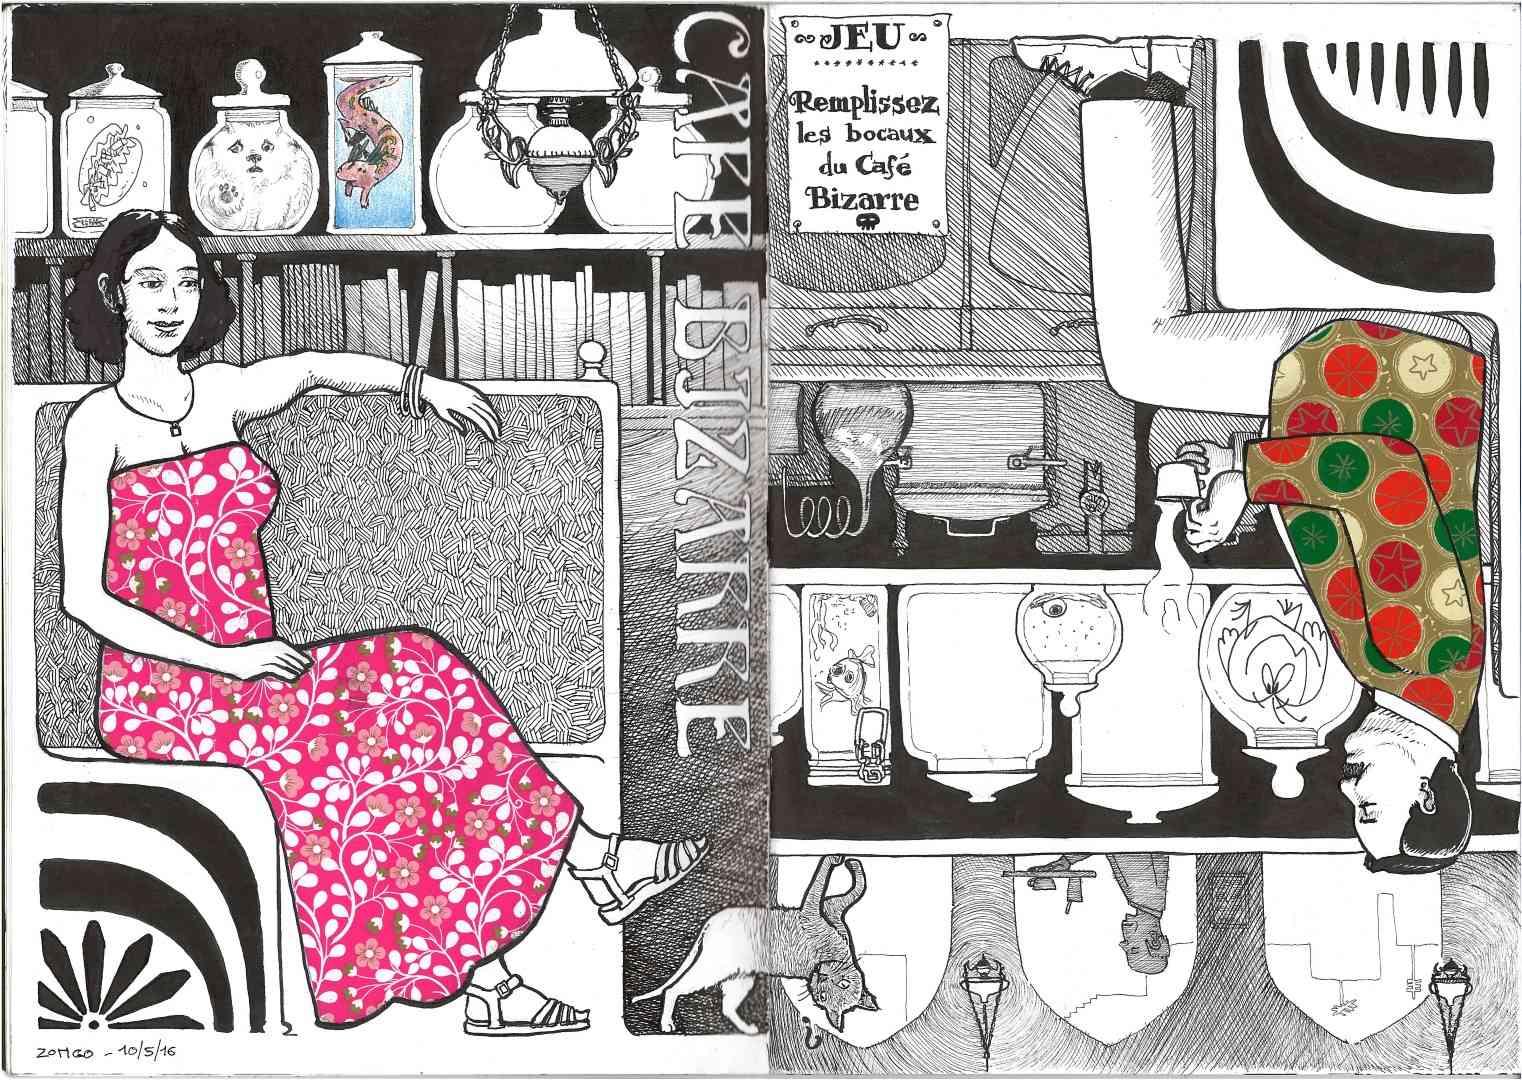 [defis] Un carnet collectif? Projet : IMaginarium - Page 17 P5_lar11